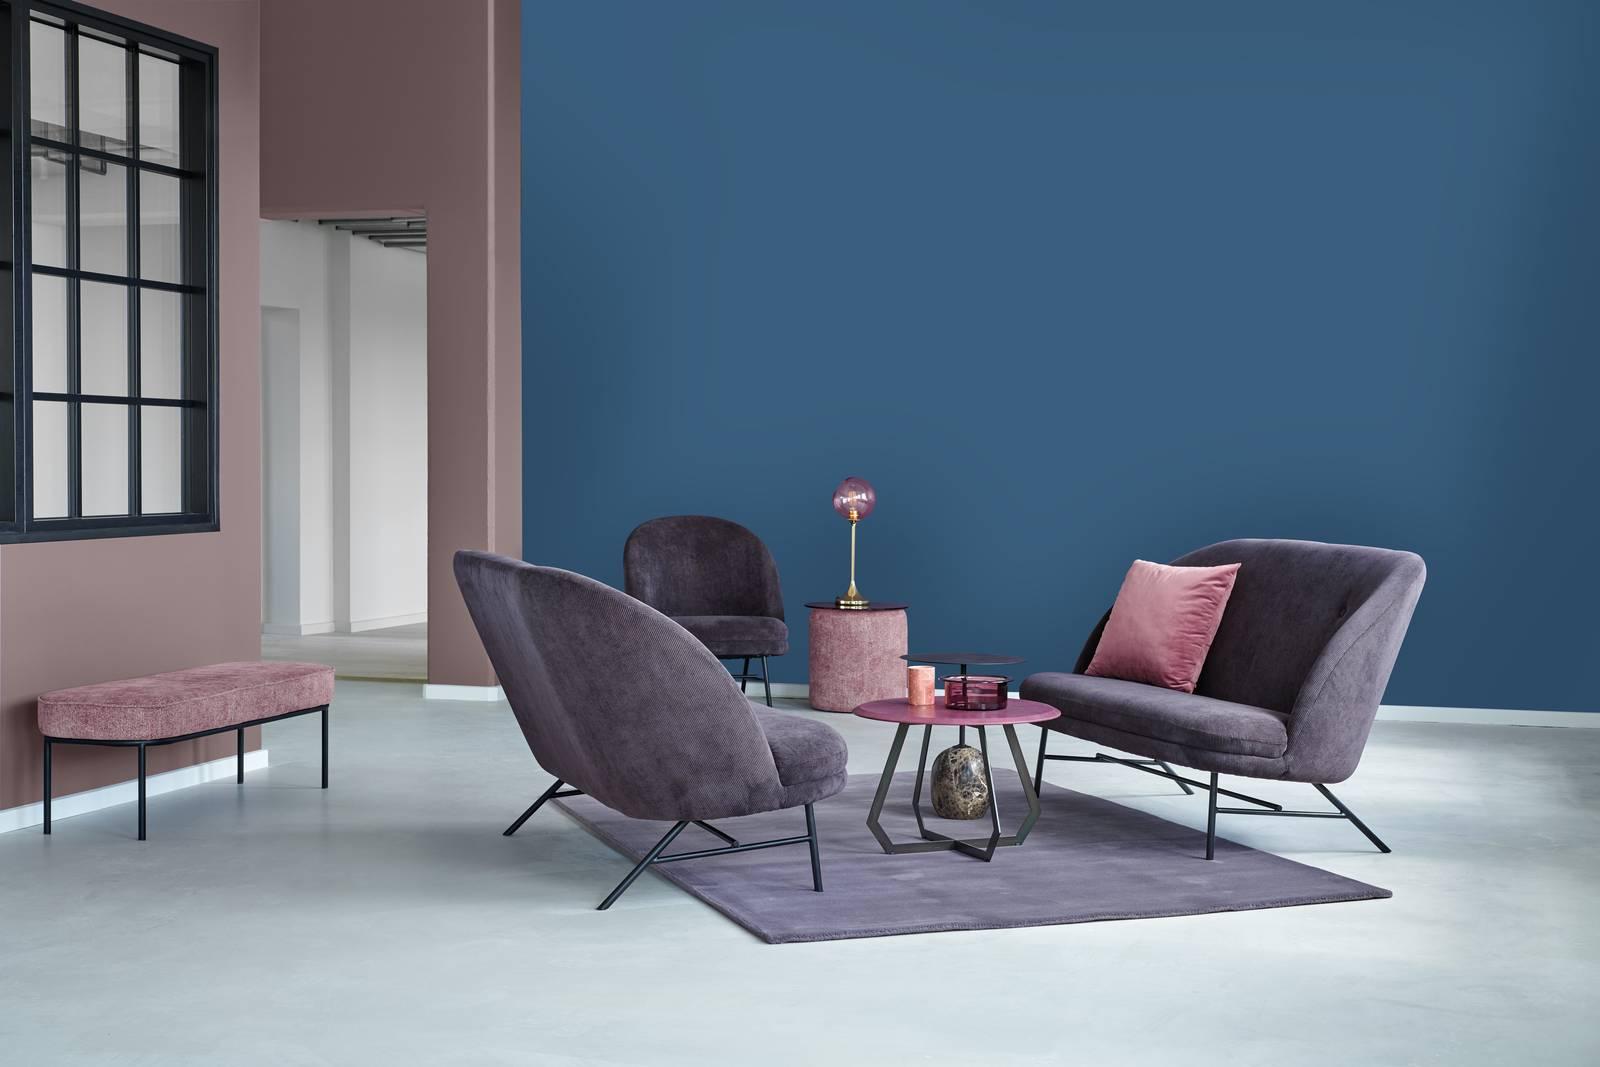 Al di là delle mode, prima di tinteggiare le pareti di casa è bene valutare i volumi e la luminosità degli ambienti. Dipingere Le Pareti I Colori Trend Del 2020 Essegiesse